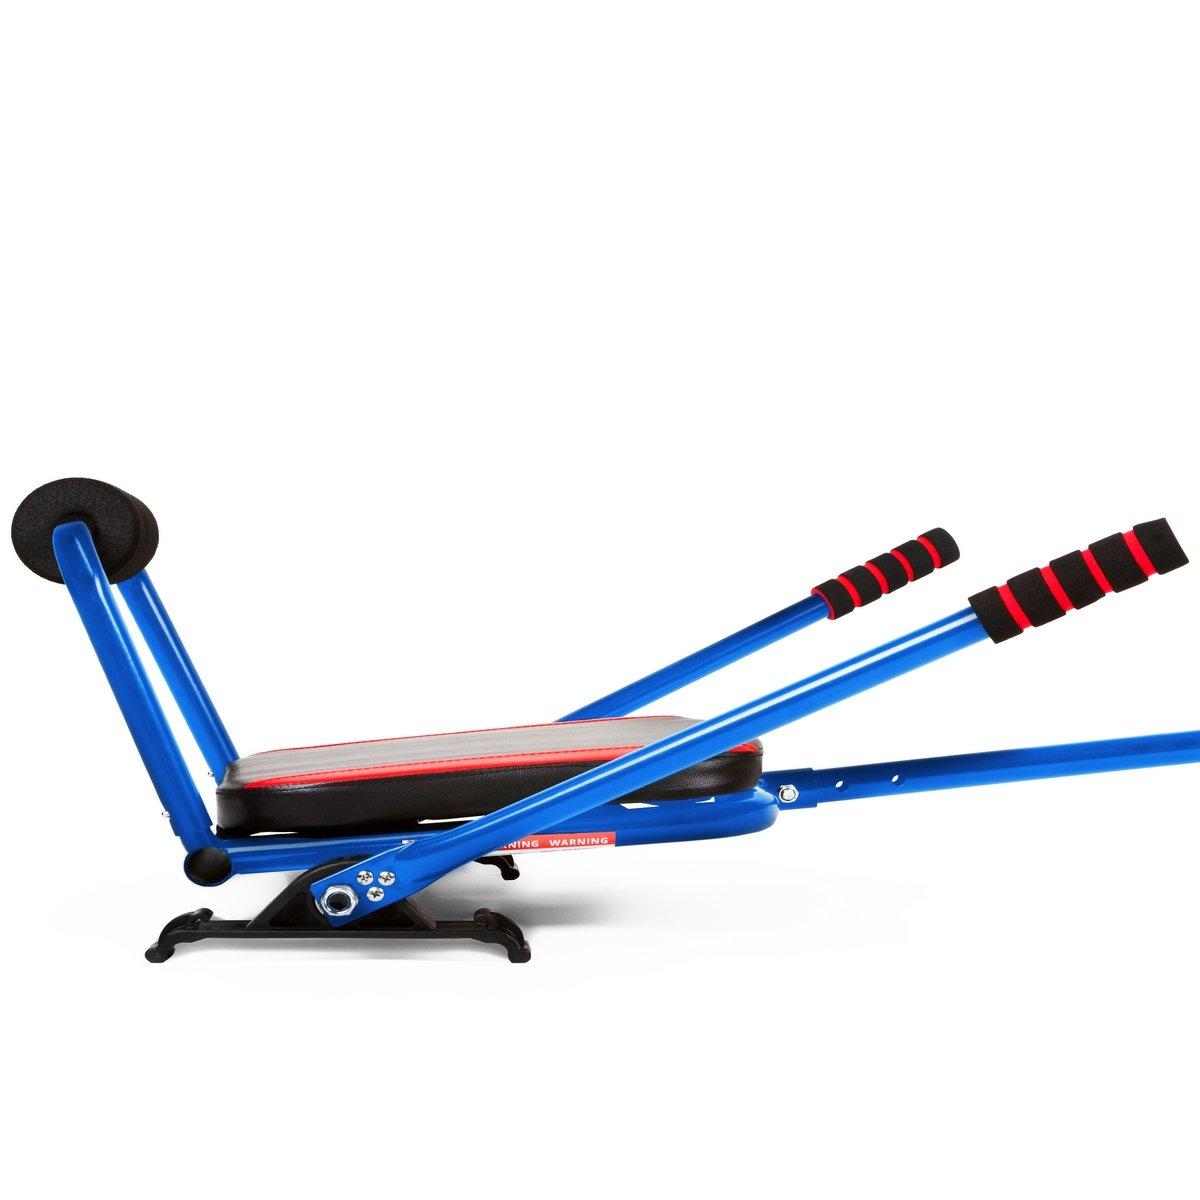 Fitfiu - Seat6.5A Accesorio para Patinete Eléctrico, Azul ...